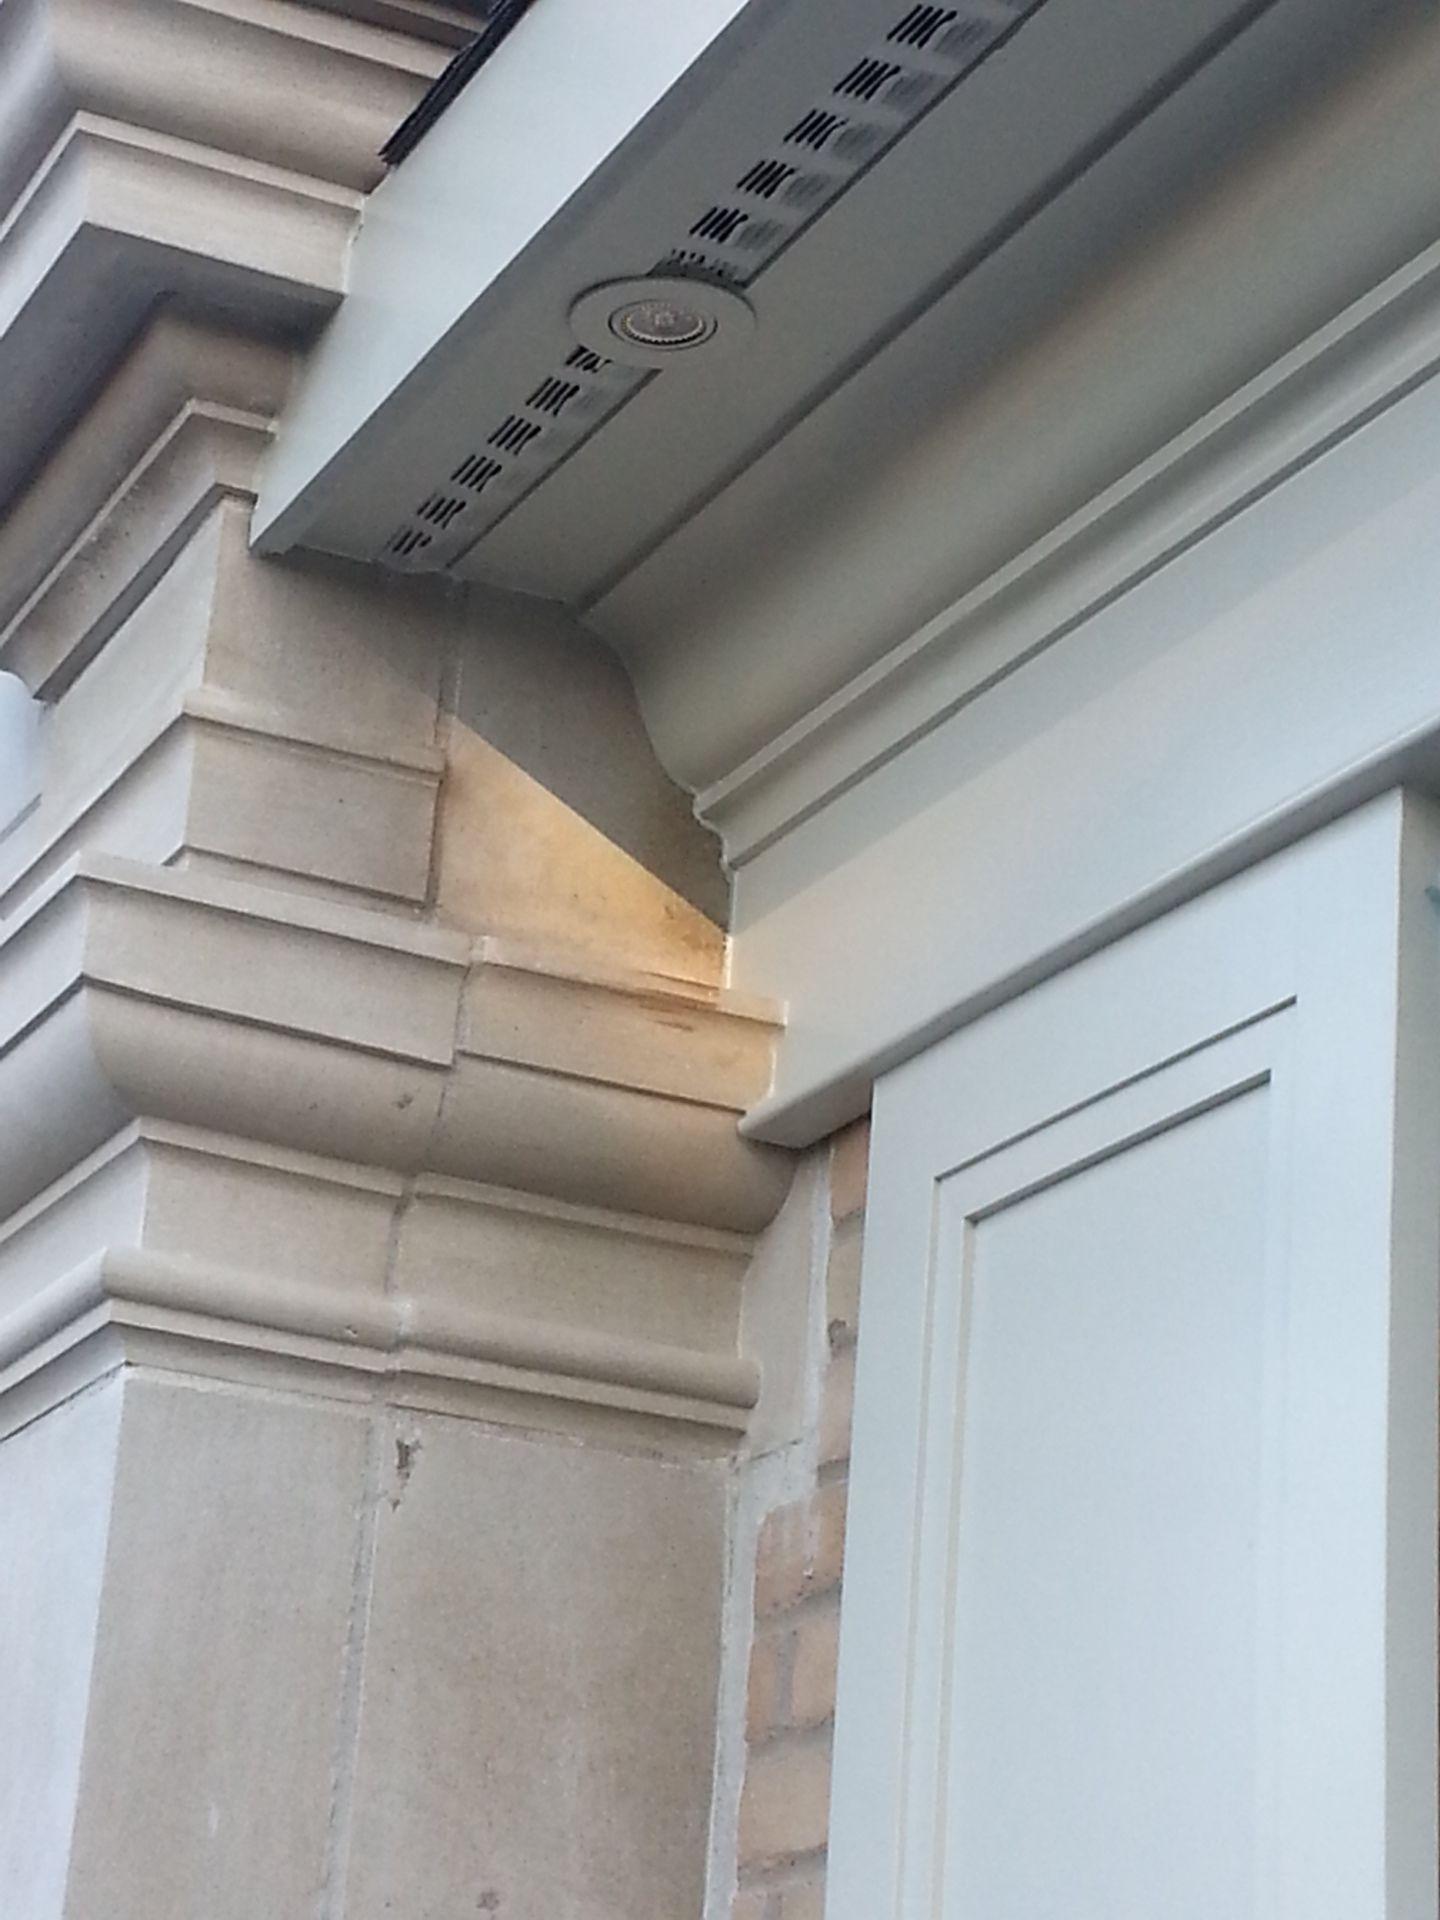 Pictures Of Exterior Trim Work Exterior Trim Trim Work Craftsman Window Trim